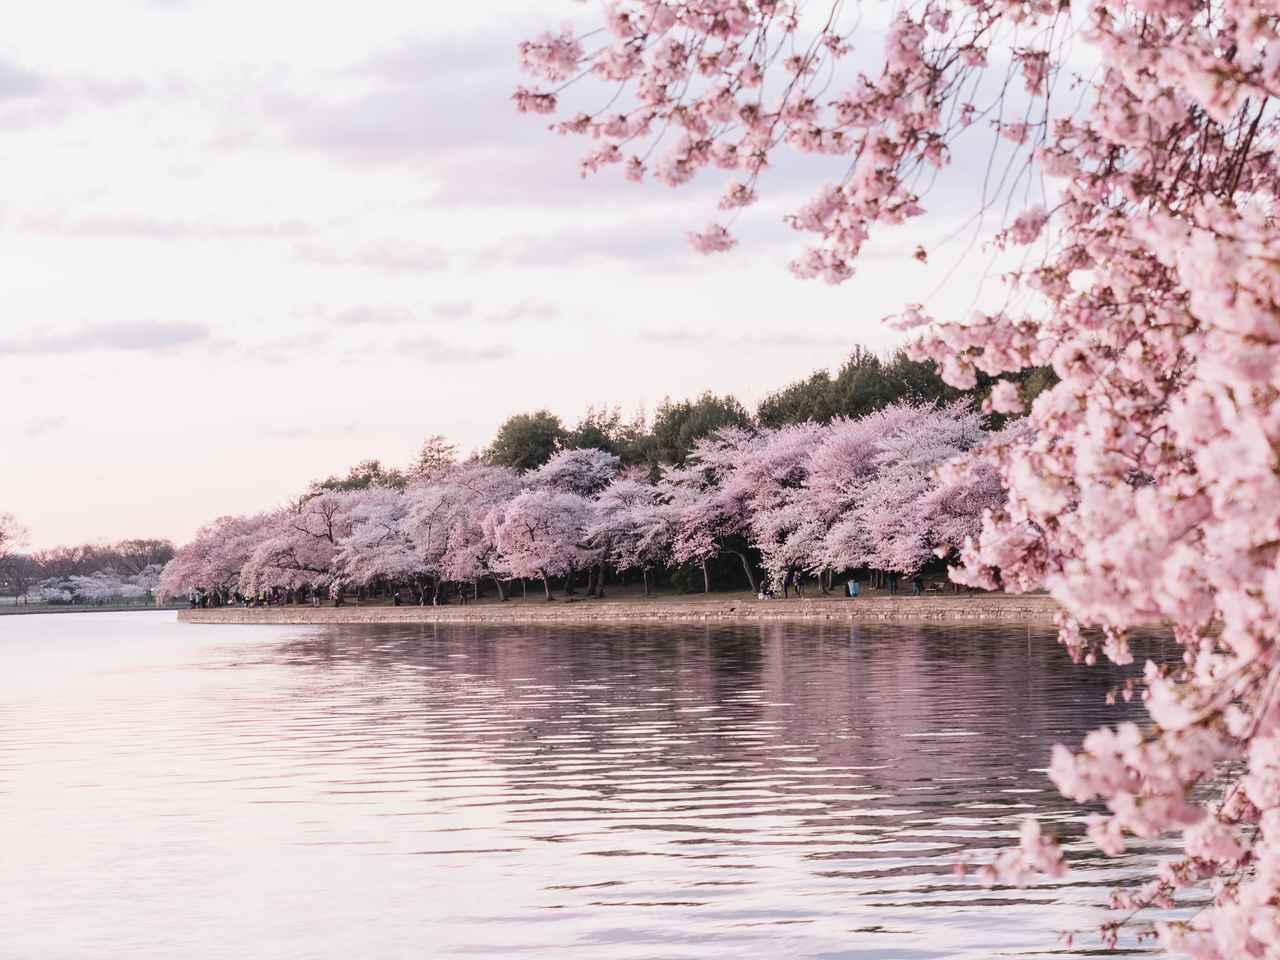 画像: ポトマック川沿いの桜(イメージ)